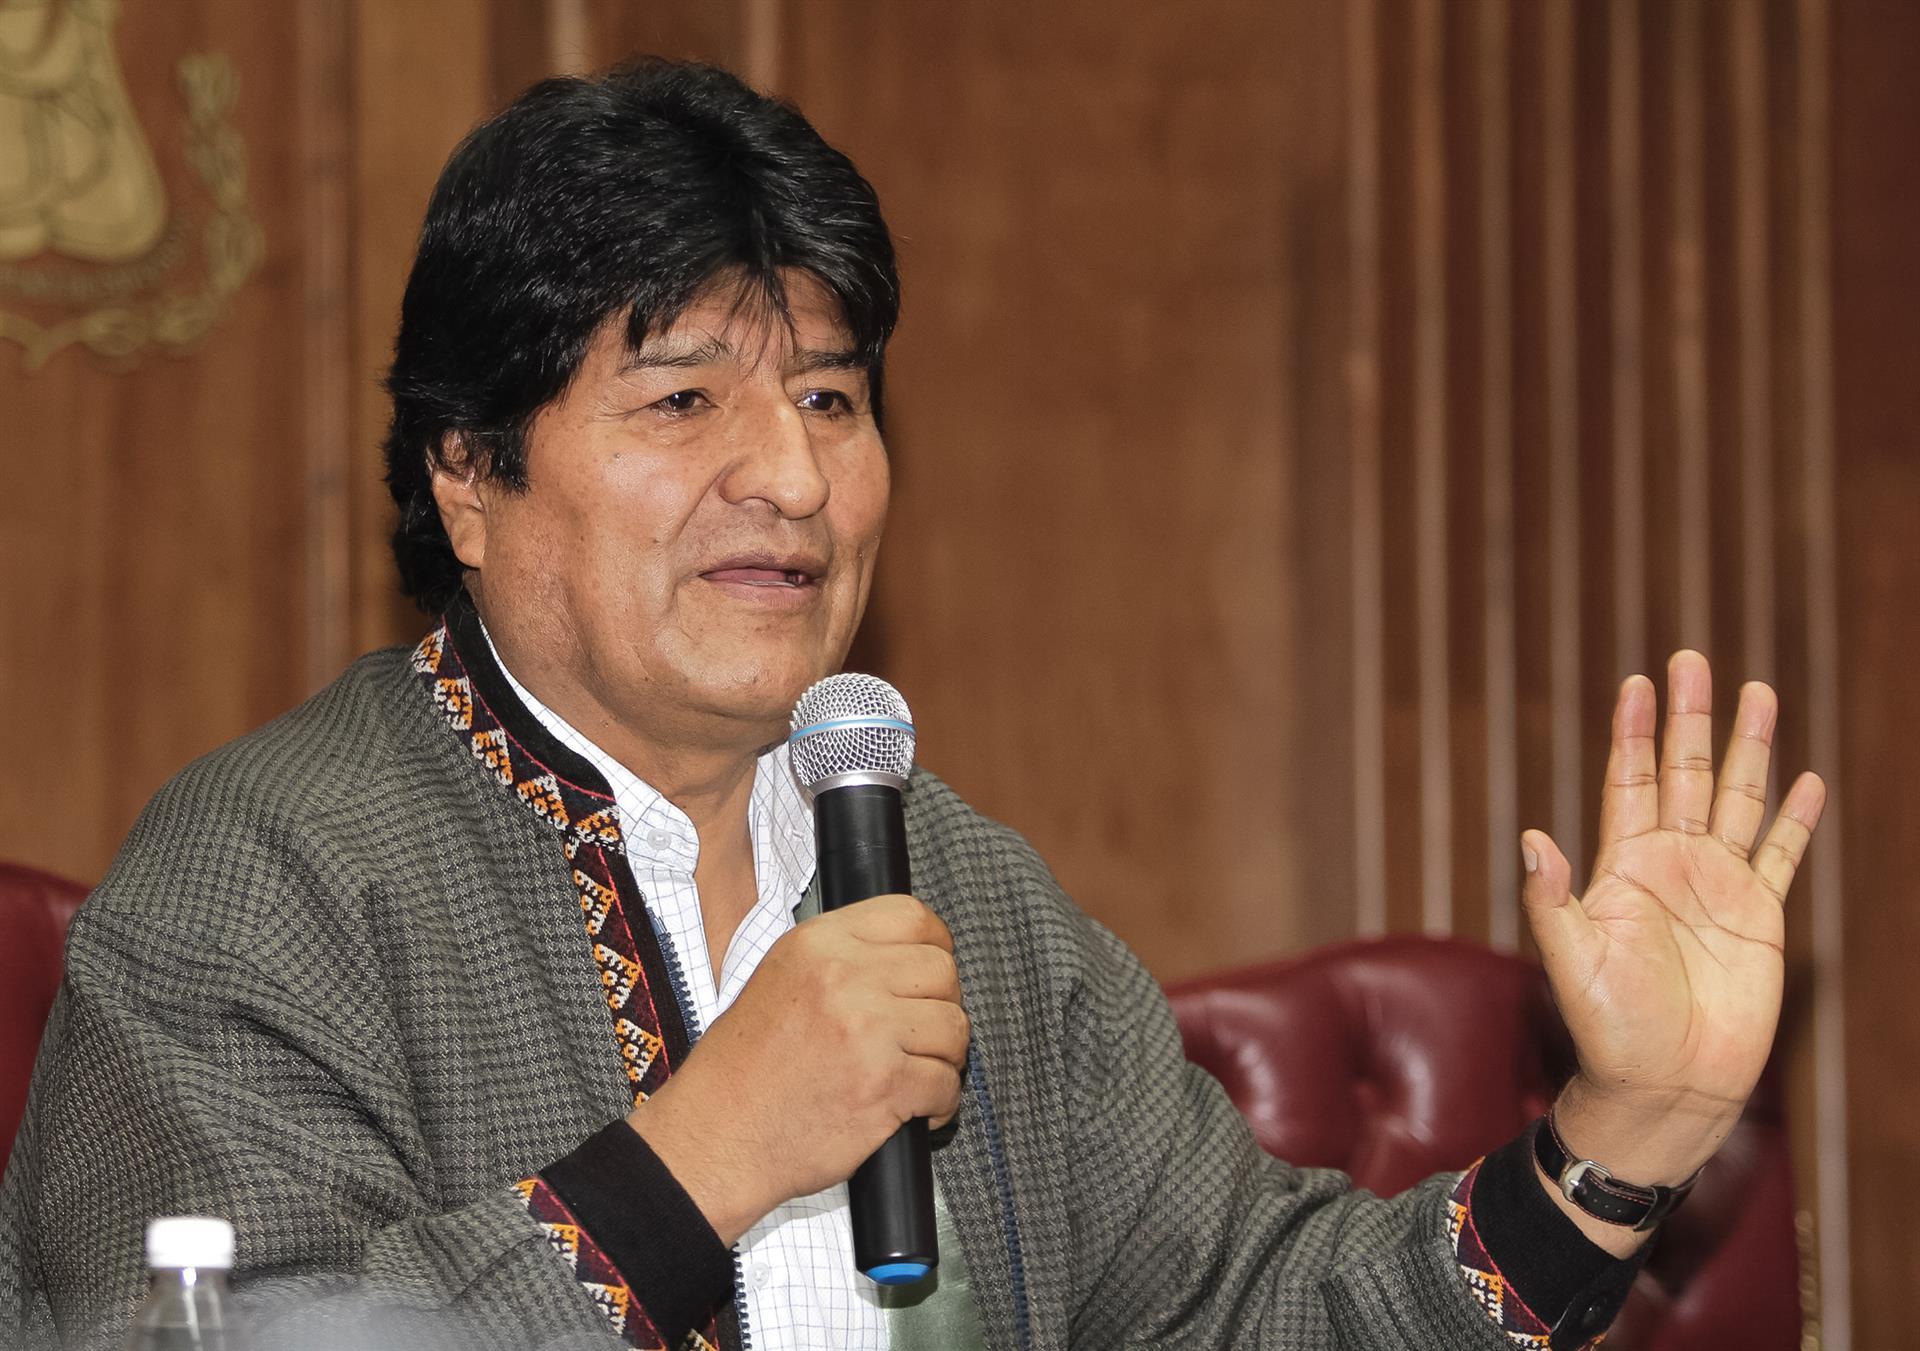 Gobierno de facto de Bolivia ordena detención contra Evo Morales